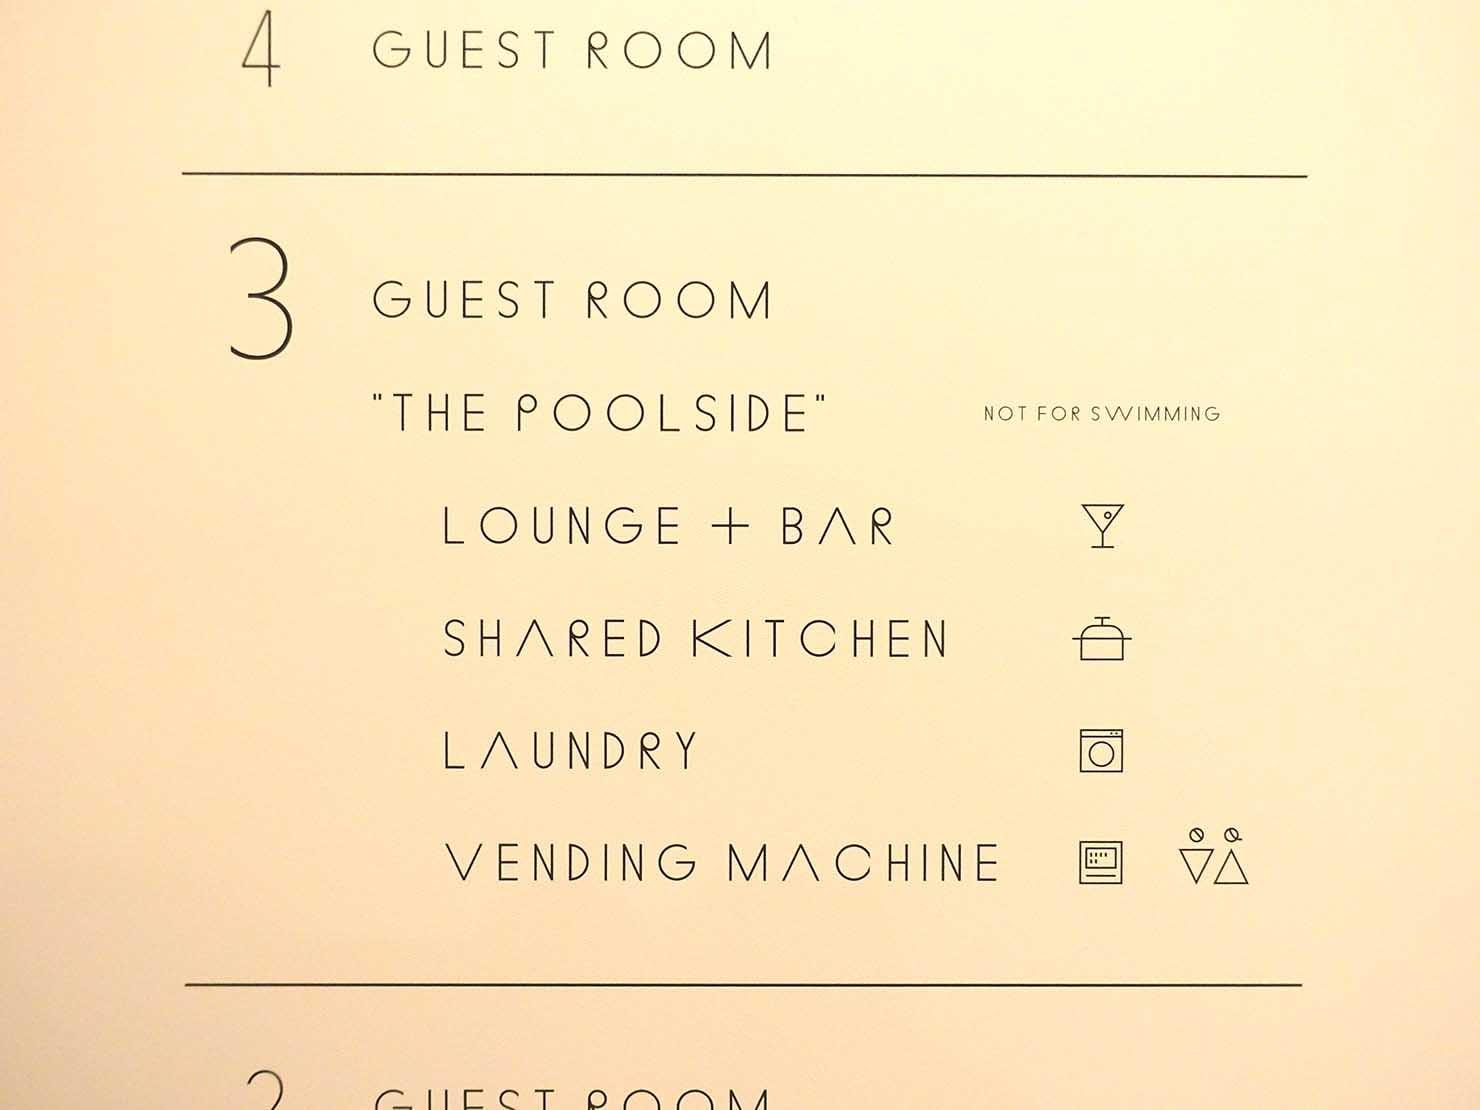 広島・八丁堀のおしゃれなリノベホテル「KIRO広島 The Share Hotels」の3F設備